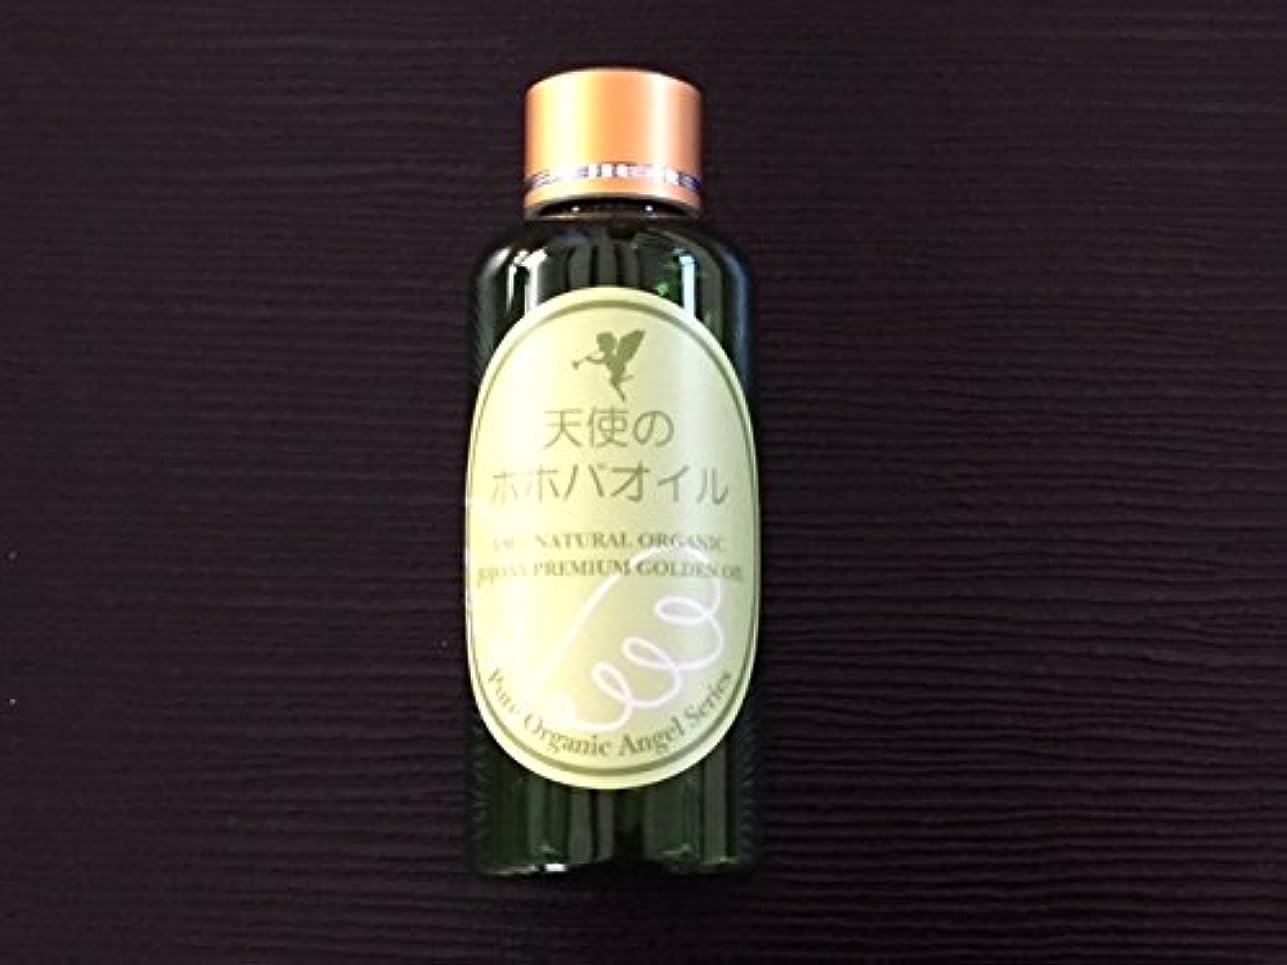 ミシン供給エスカレート天使のオイル 「オーガニックホホバ」 200ml(詰替え用)